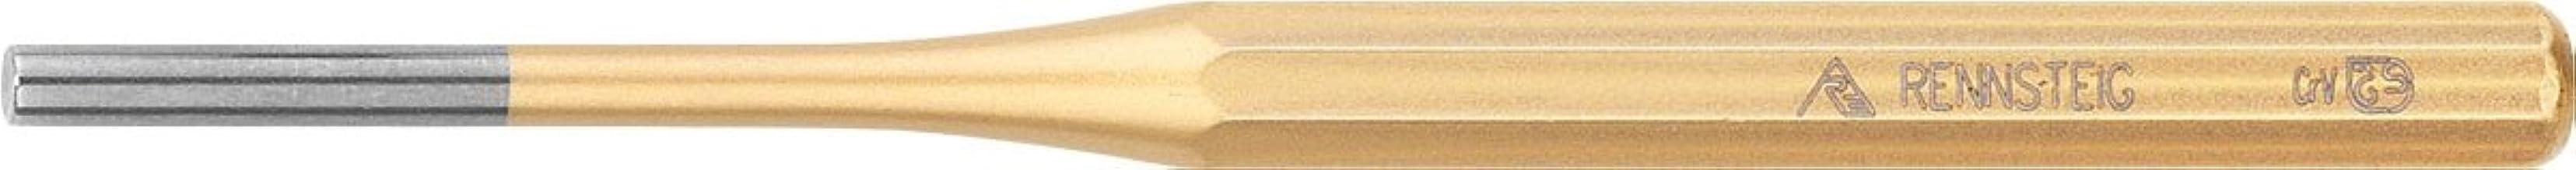 Rennsteig Pin Punch 450 003